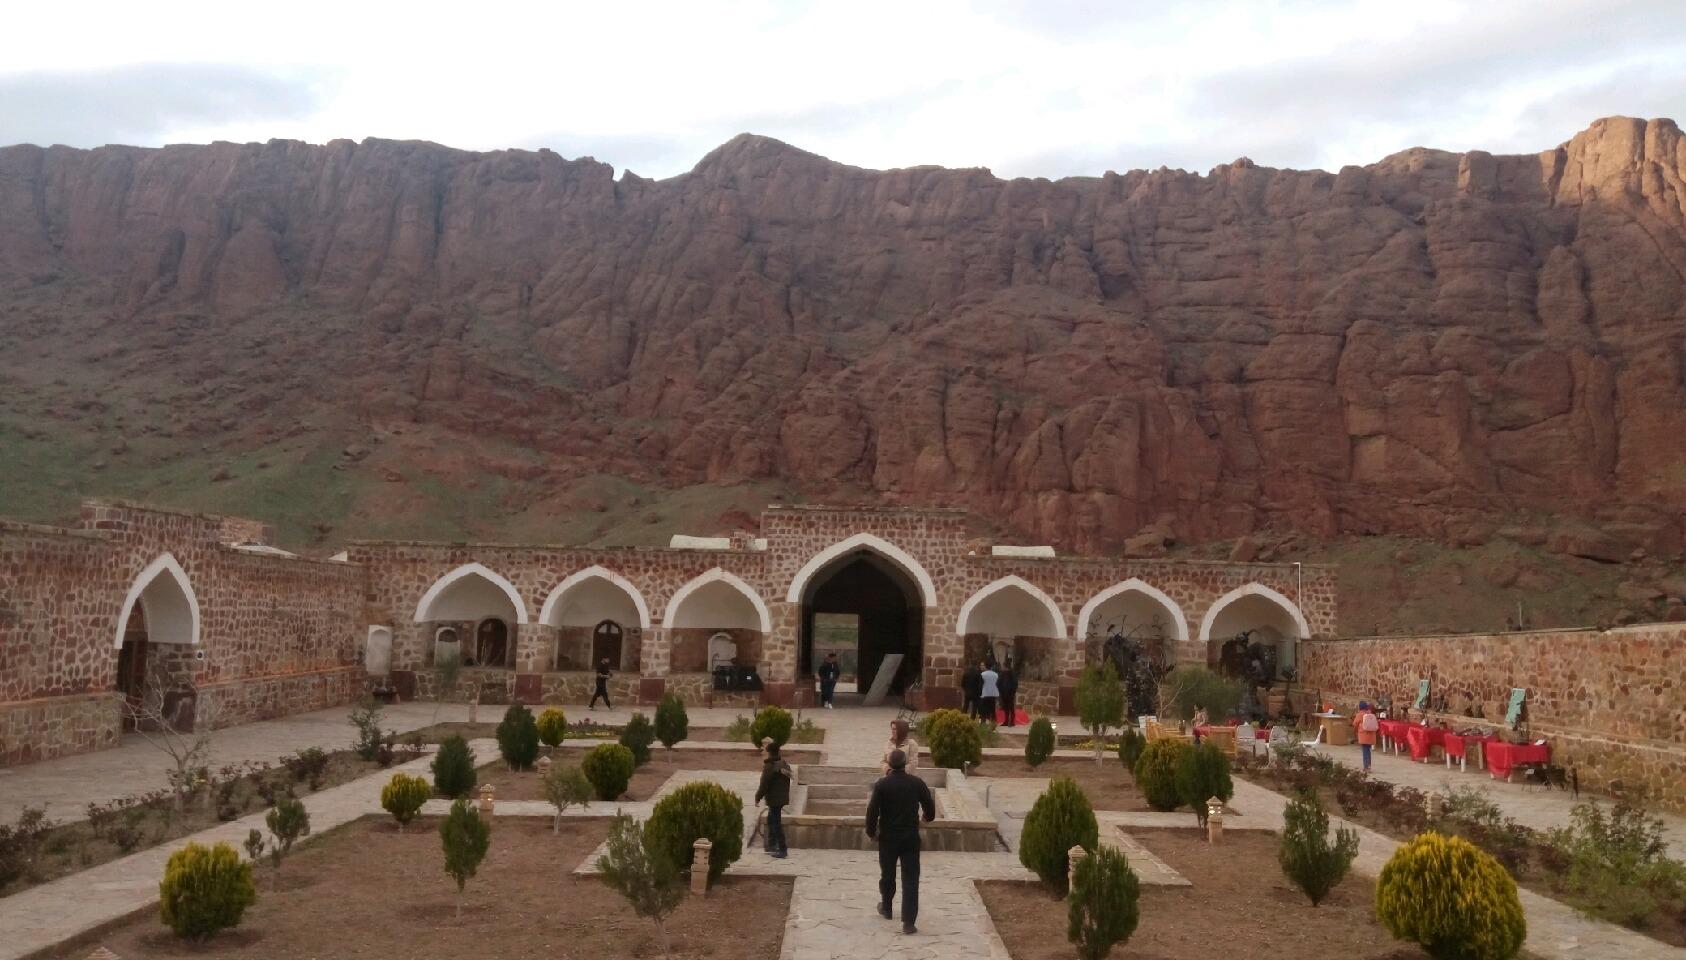 کاروانسرای خواجه نظر که محل اتراق تجار ابریشم